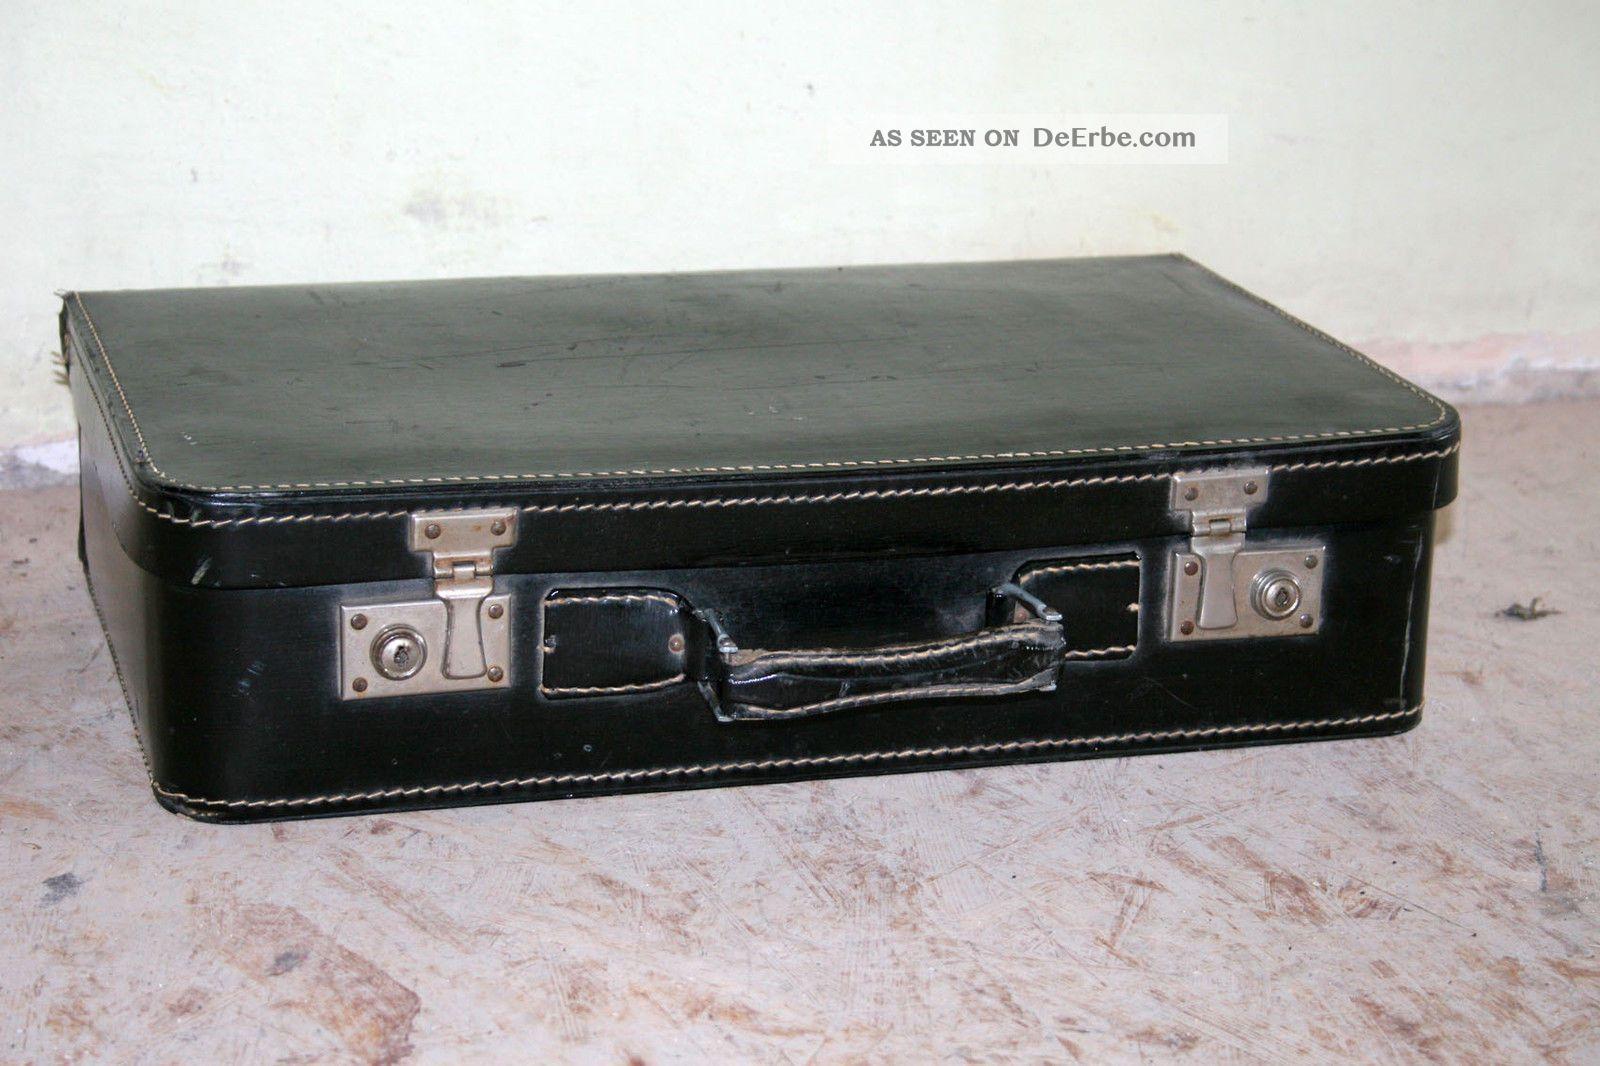 Vintage Koffer vintage reisekoffer hartschale leder koffer 50x31x13cm schaufenster oldtimer